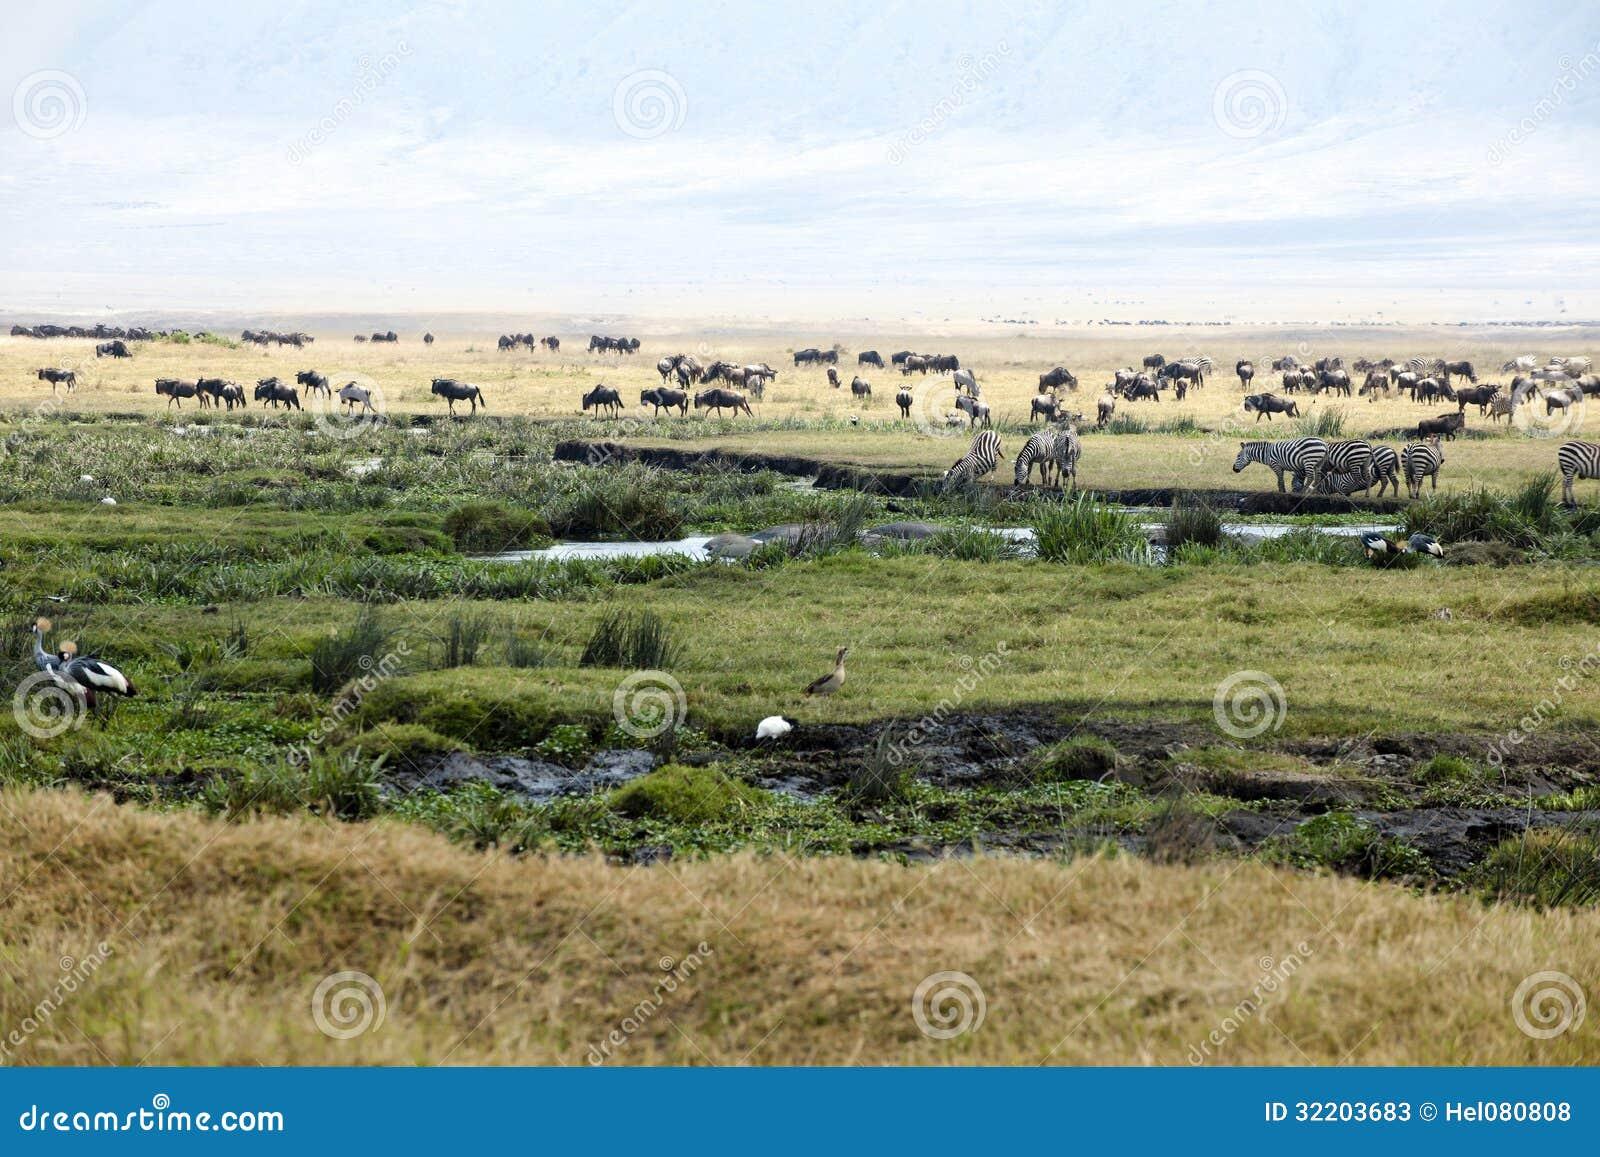 Cebras, ñus, hipopótamos, pájaros en el cráter de Ngorongoro